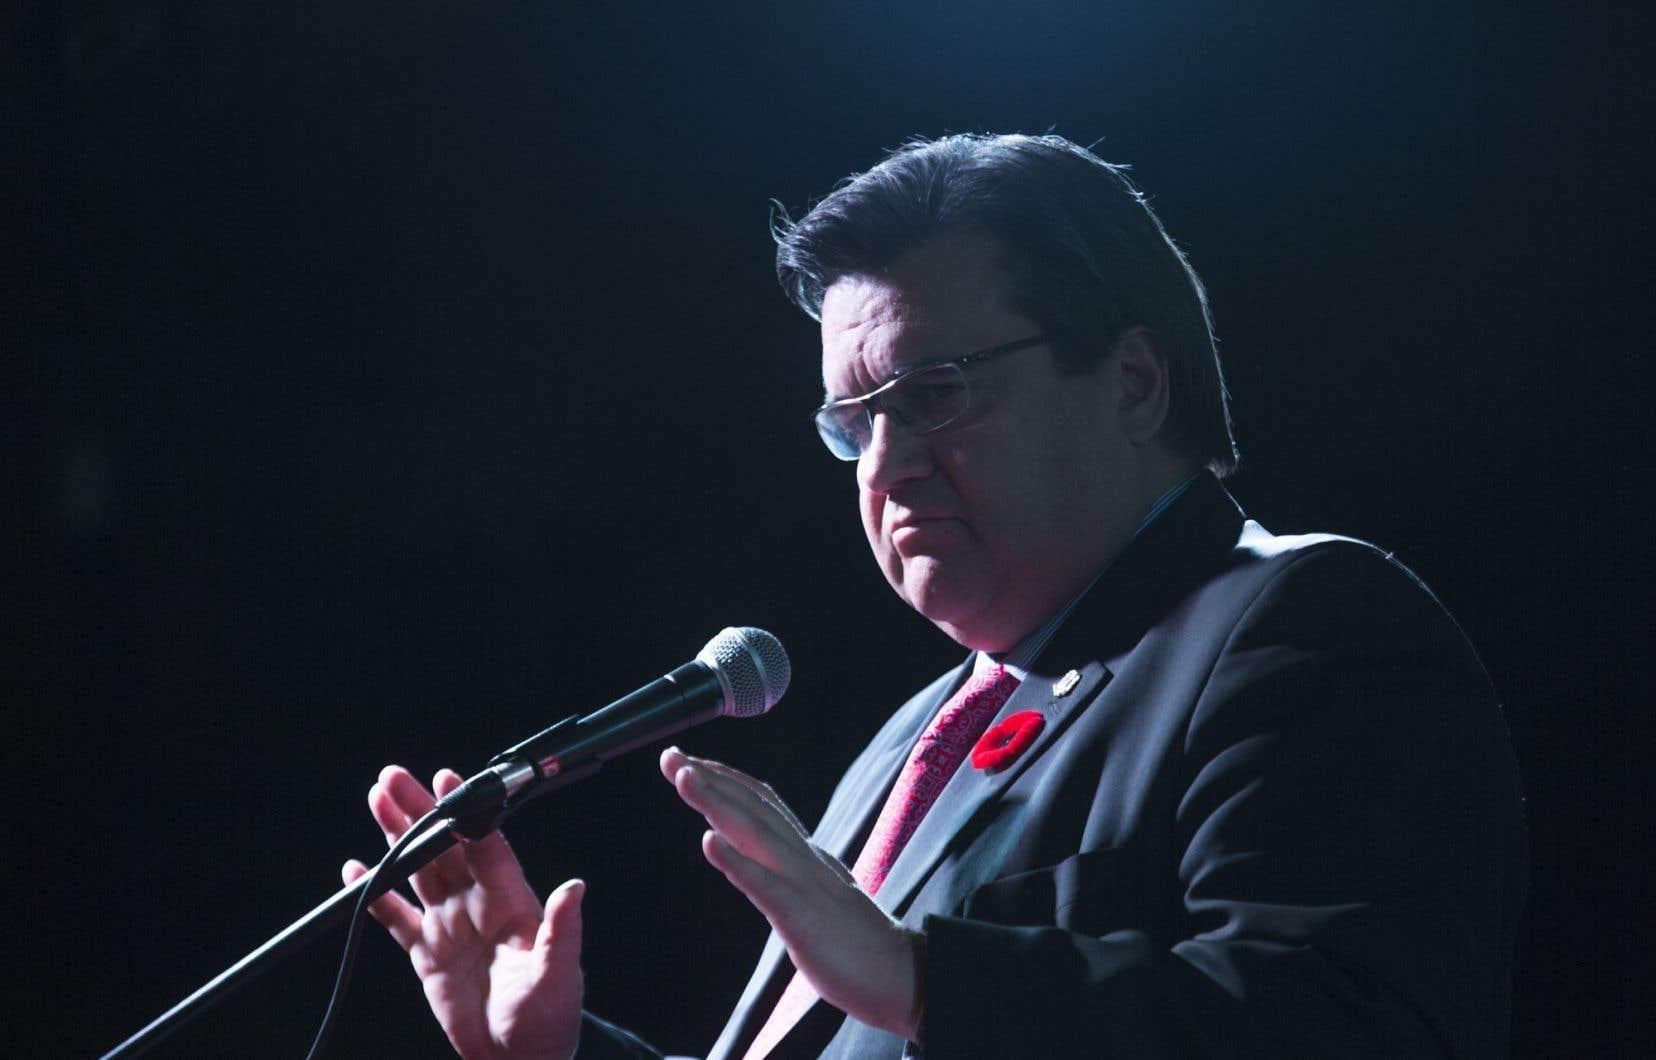 « On ne peut pas commencer une analyse de la situation sans avoir les faits »a lancé le maire de Montréal, Denis Coderre.